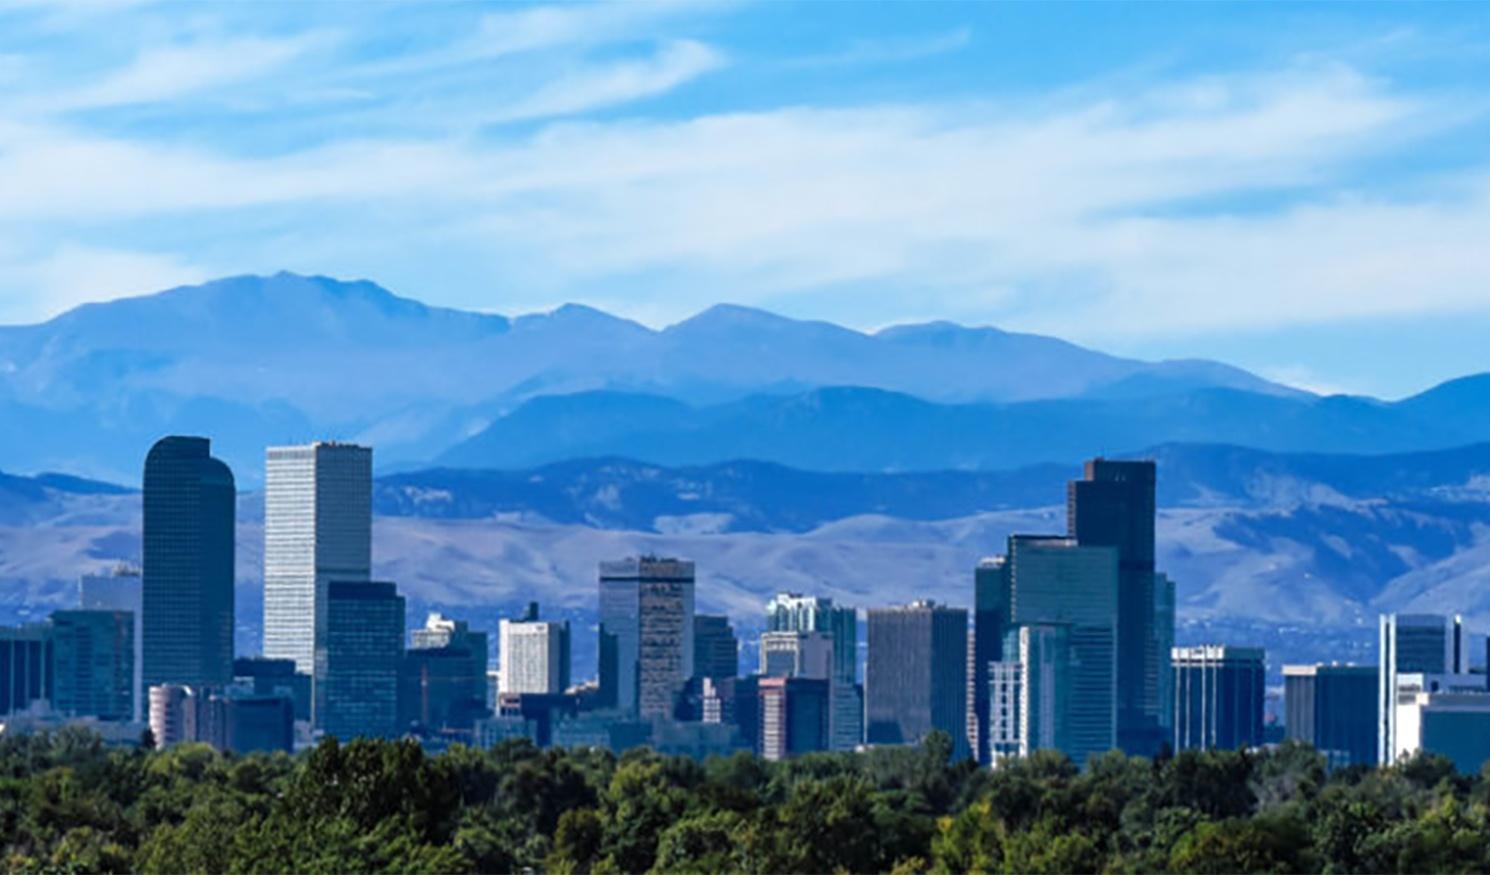 Denver city skyline